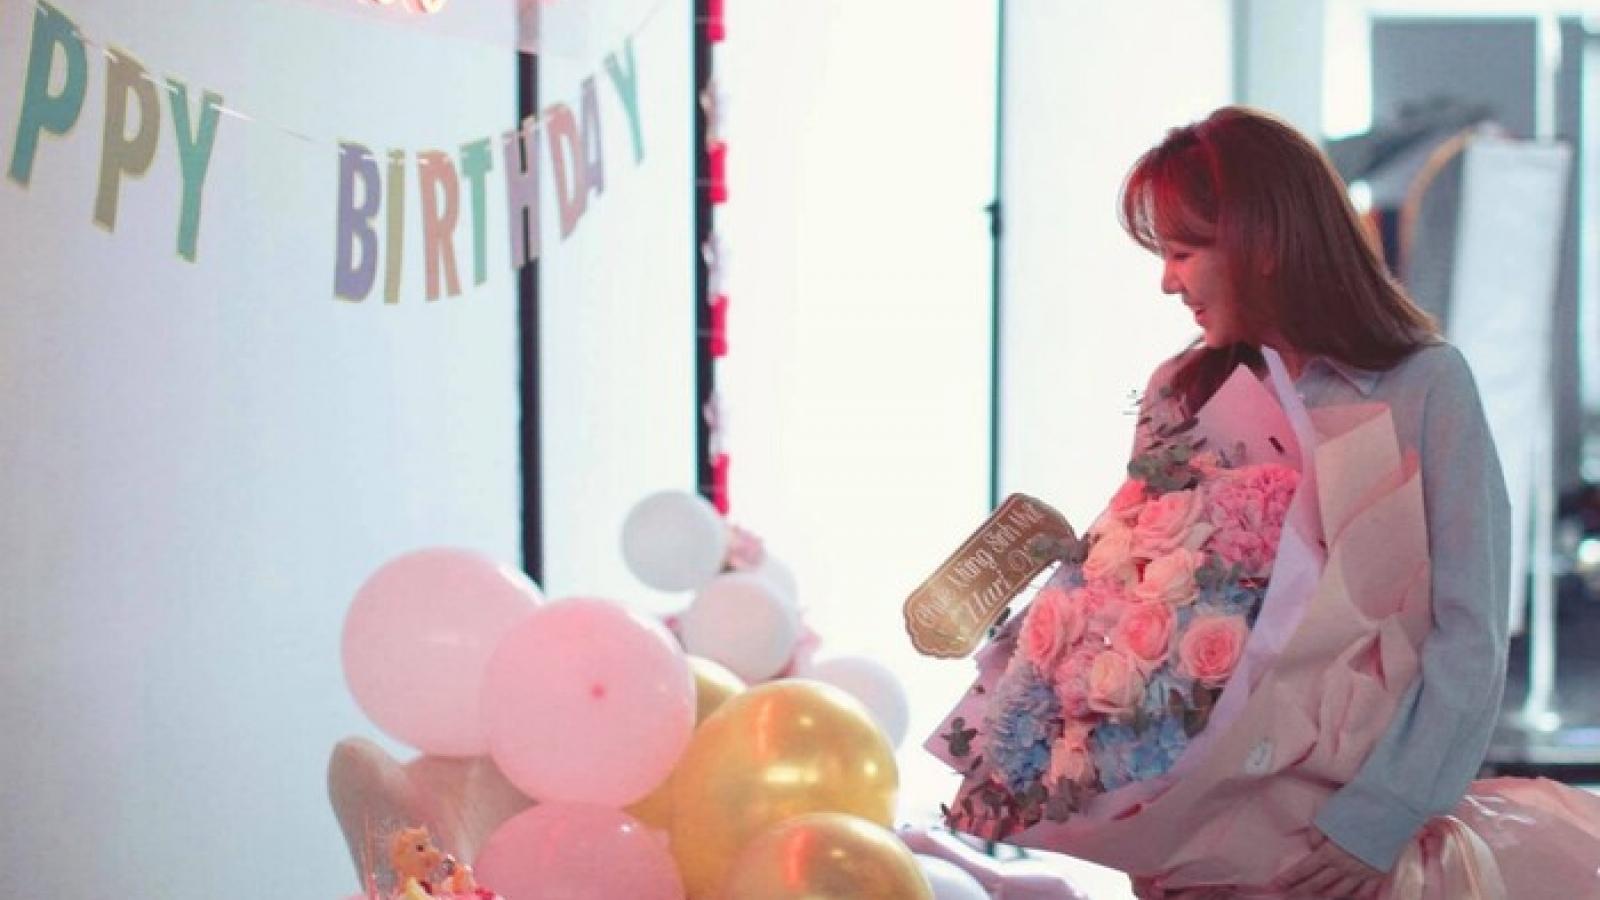 Chuyện showbiz: Trấn Thành tự tay trang trí mừng sinh nhật Hari Won tại nhà giữa mùa dịch